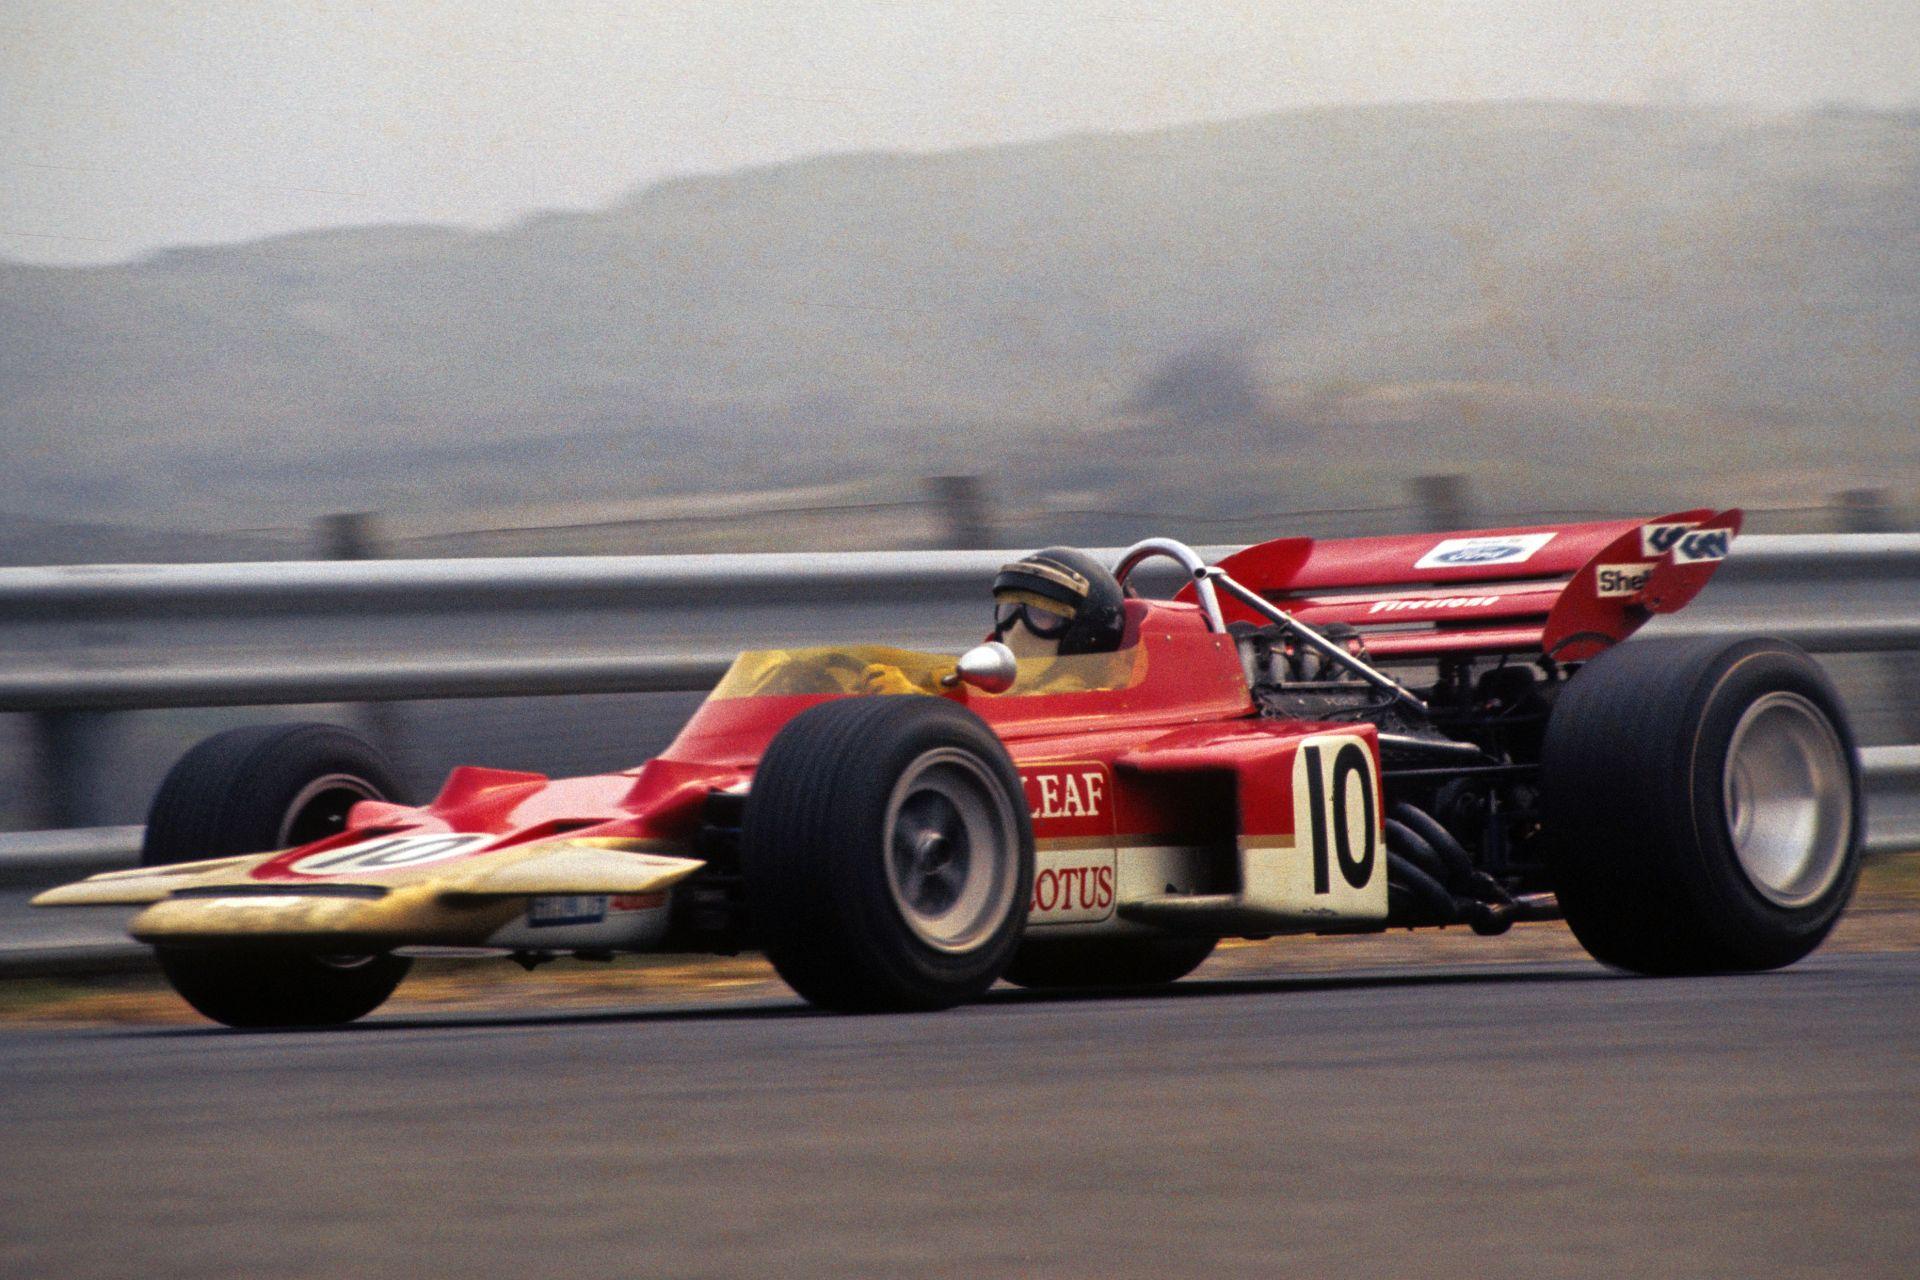 1970-ben ezen a napon lett bajnok a Forma-1-ben, de már nem volt az élők között